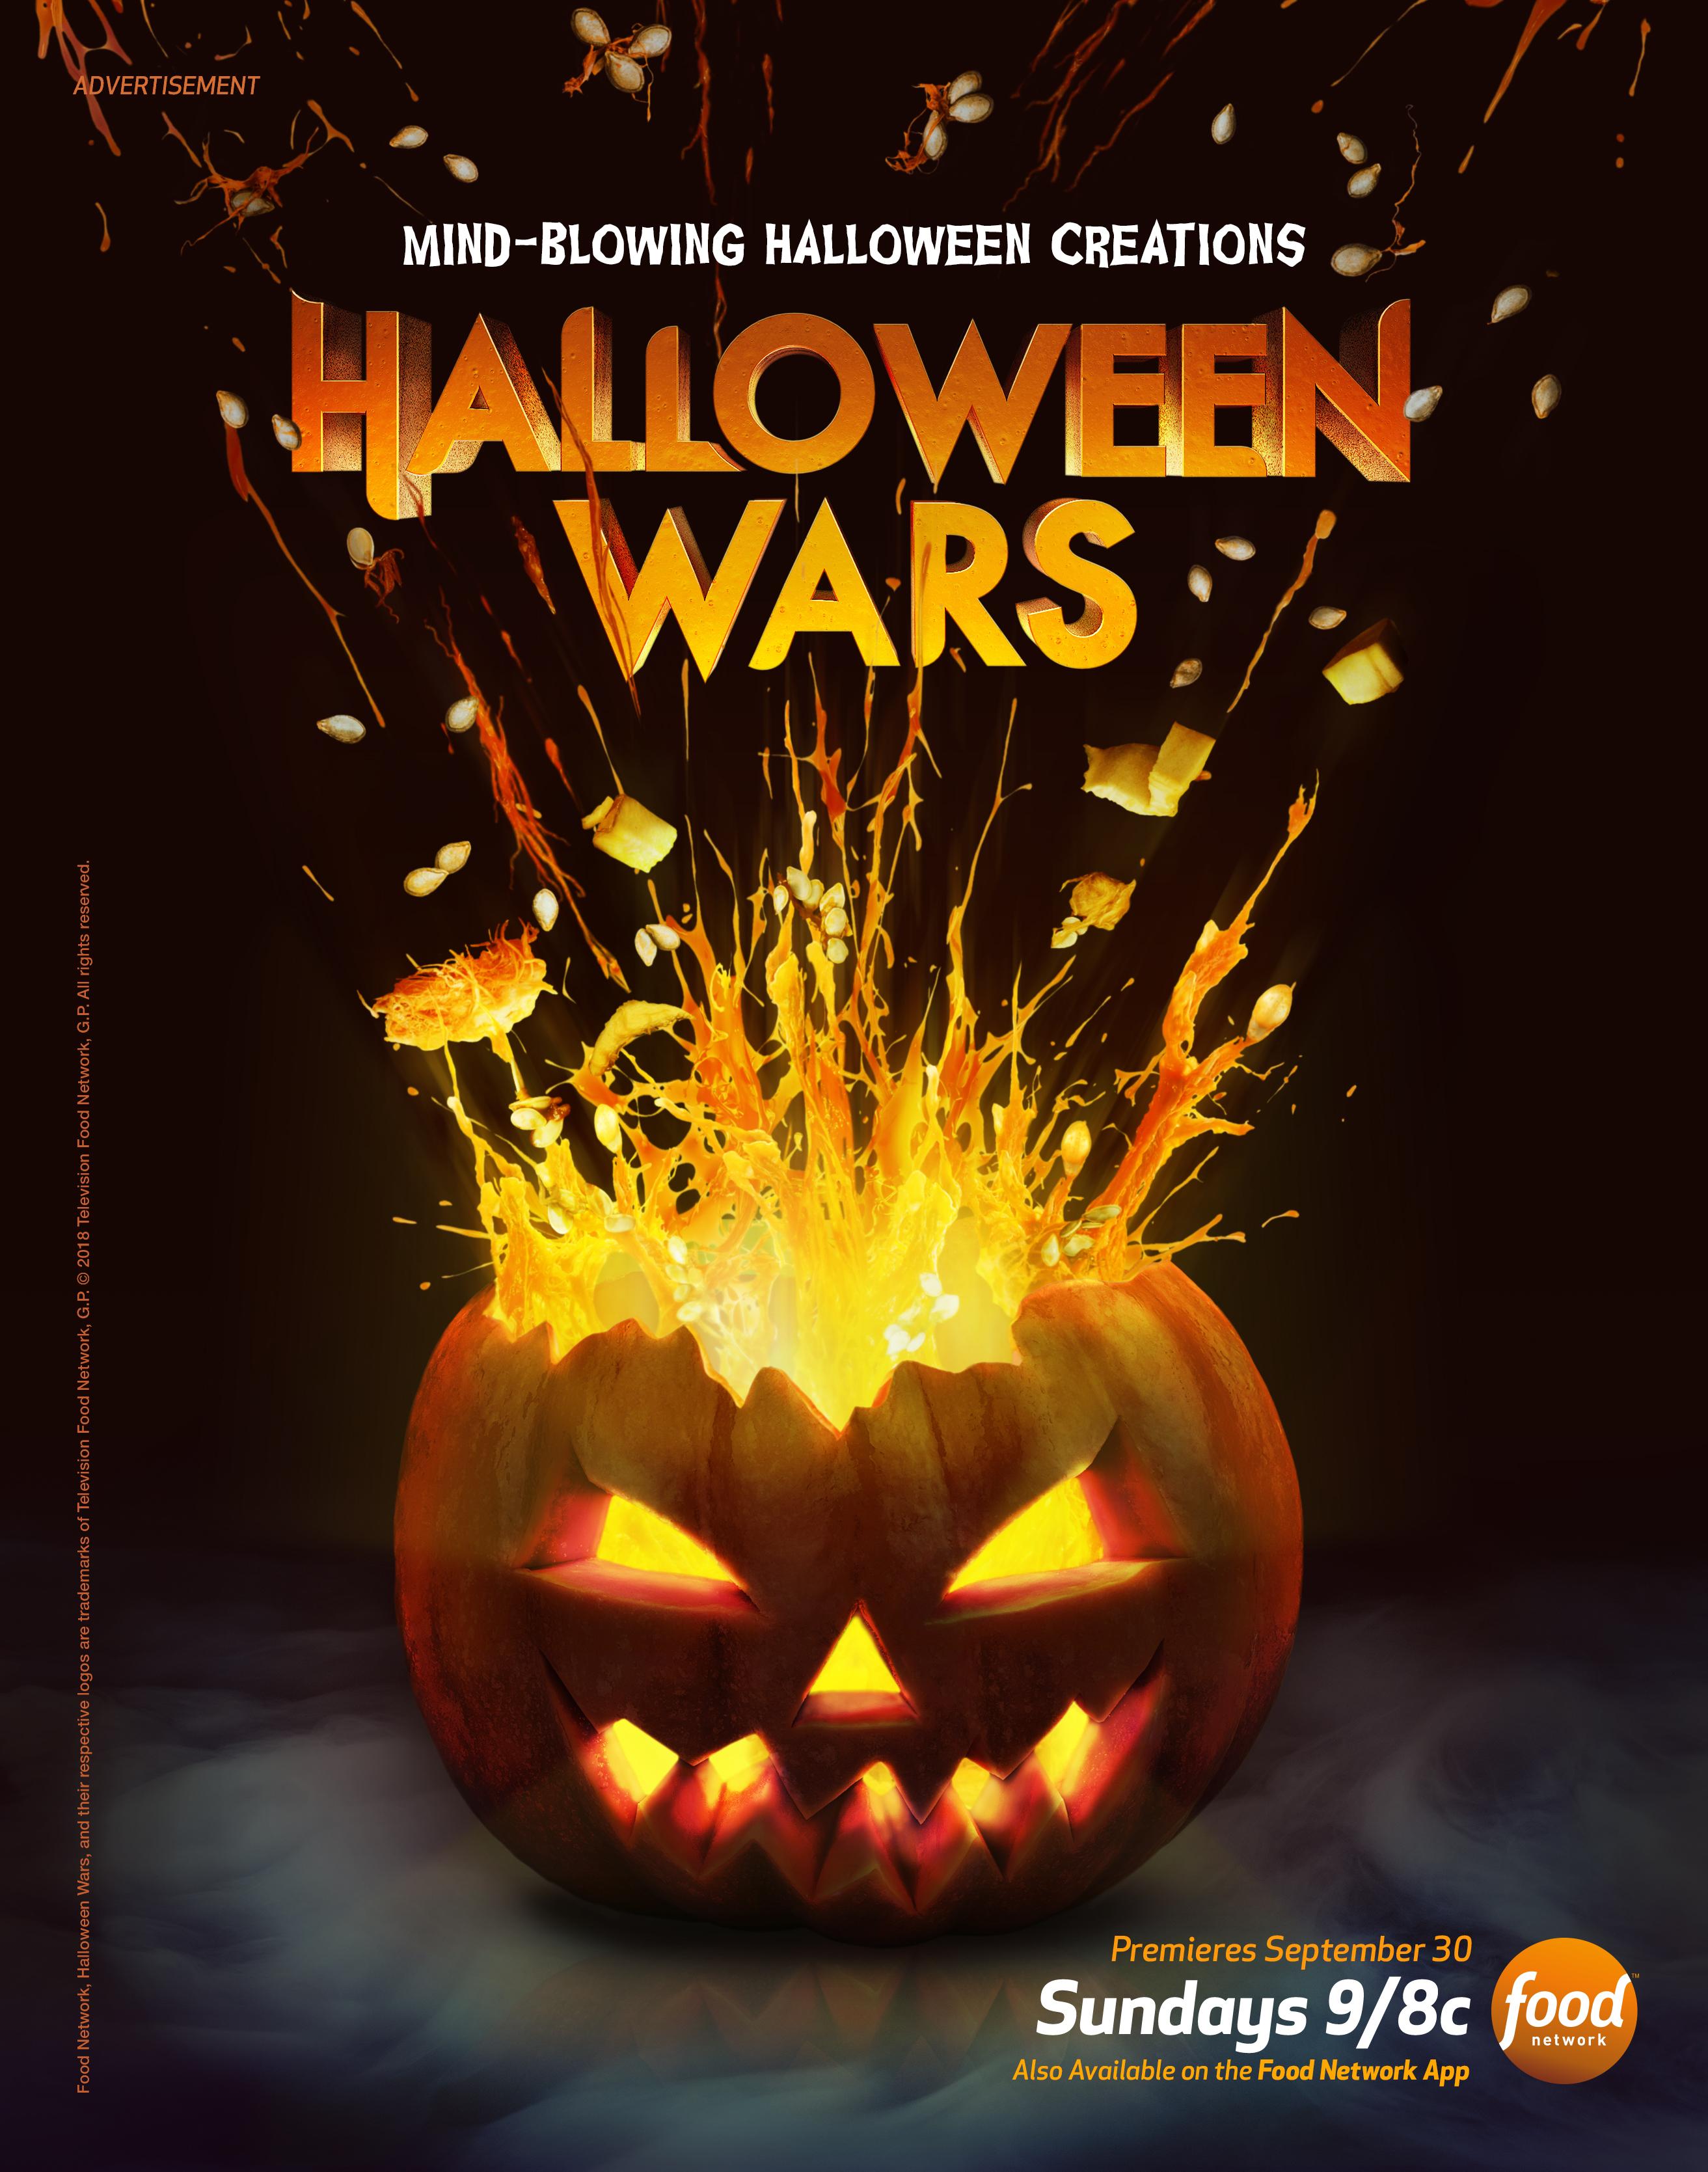 FNMAG_HalloweenWars_FINAL